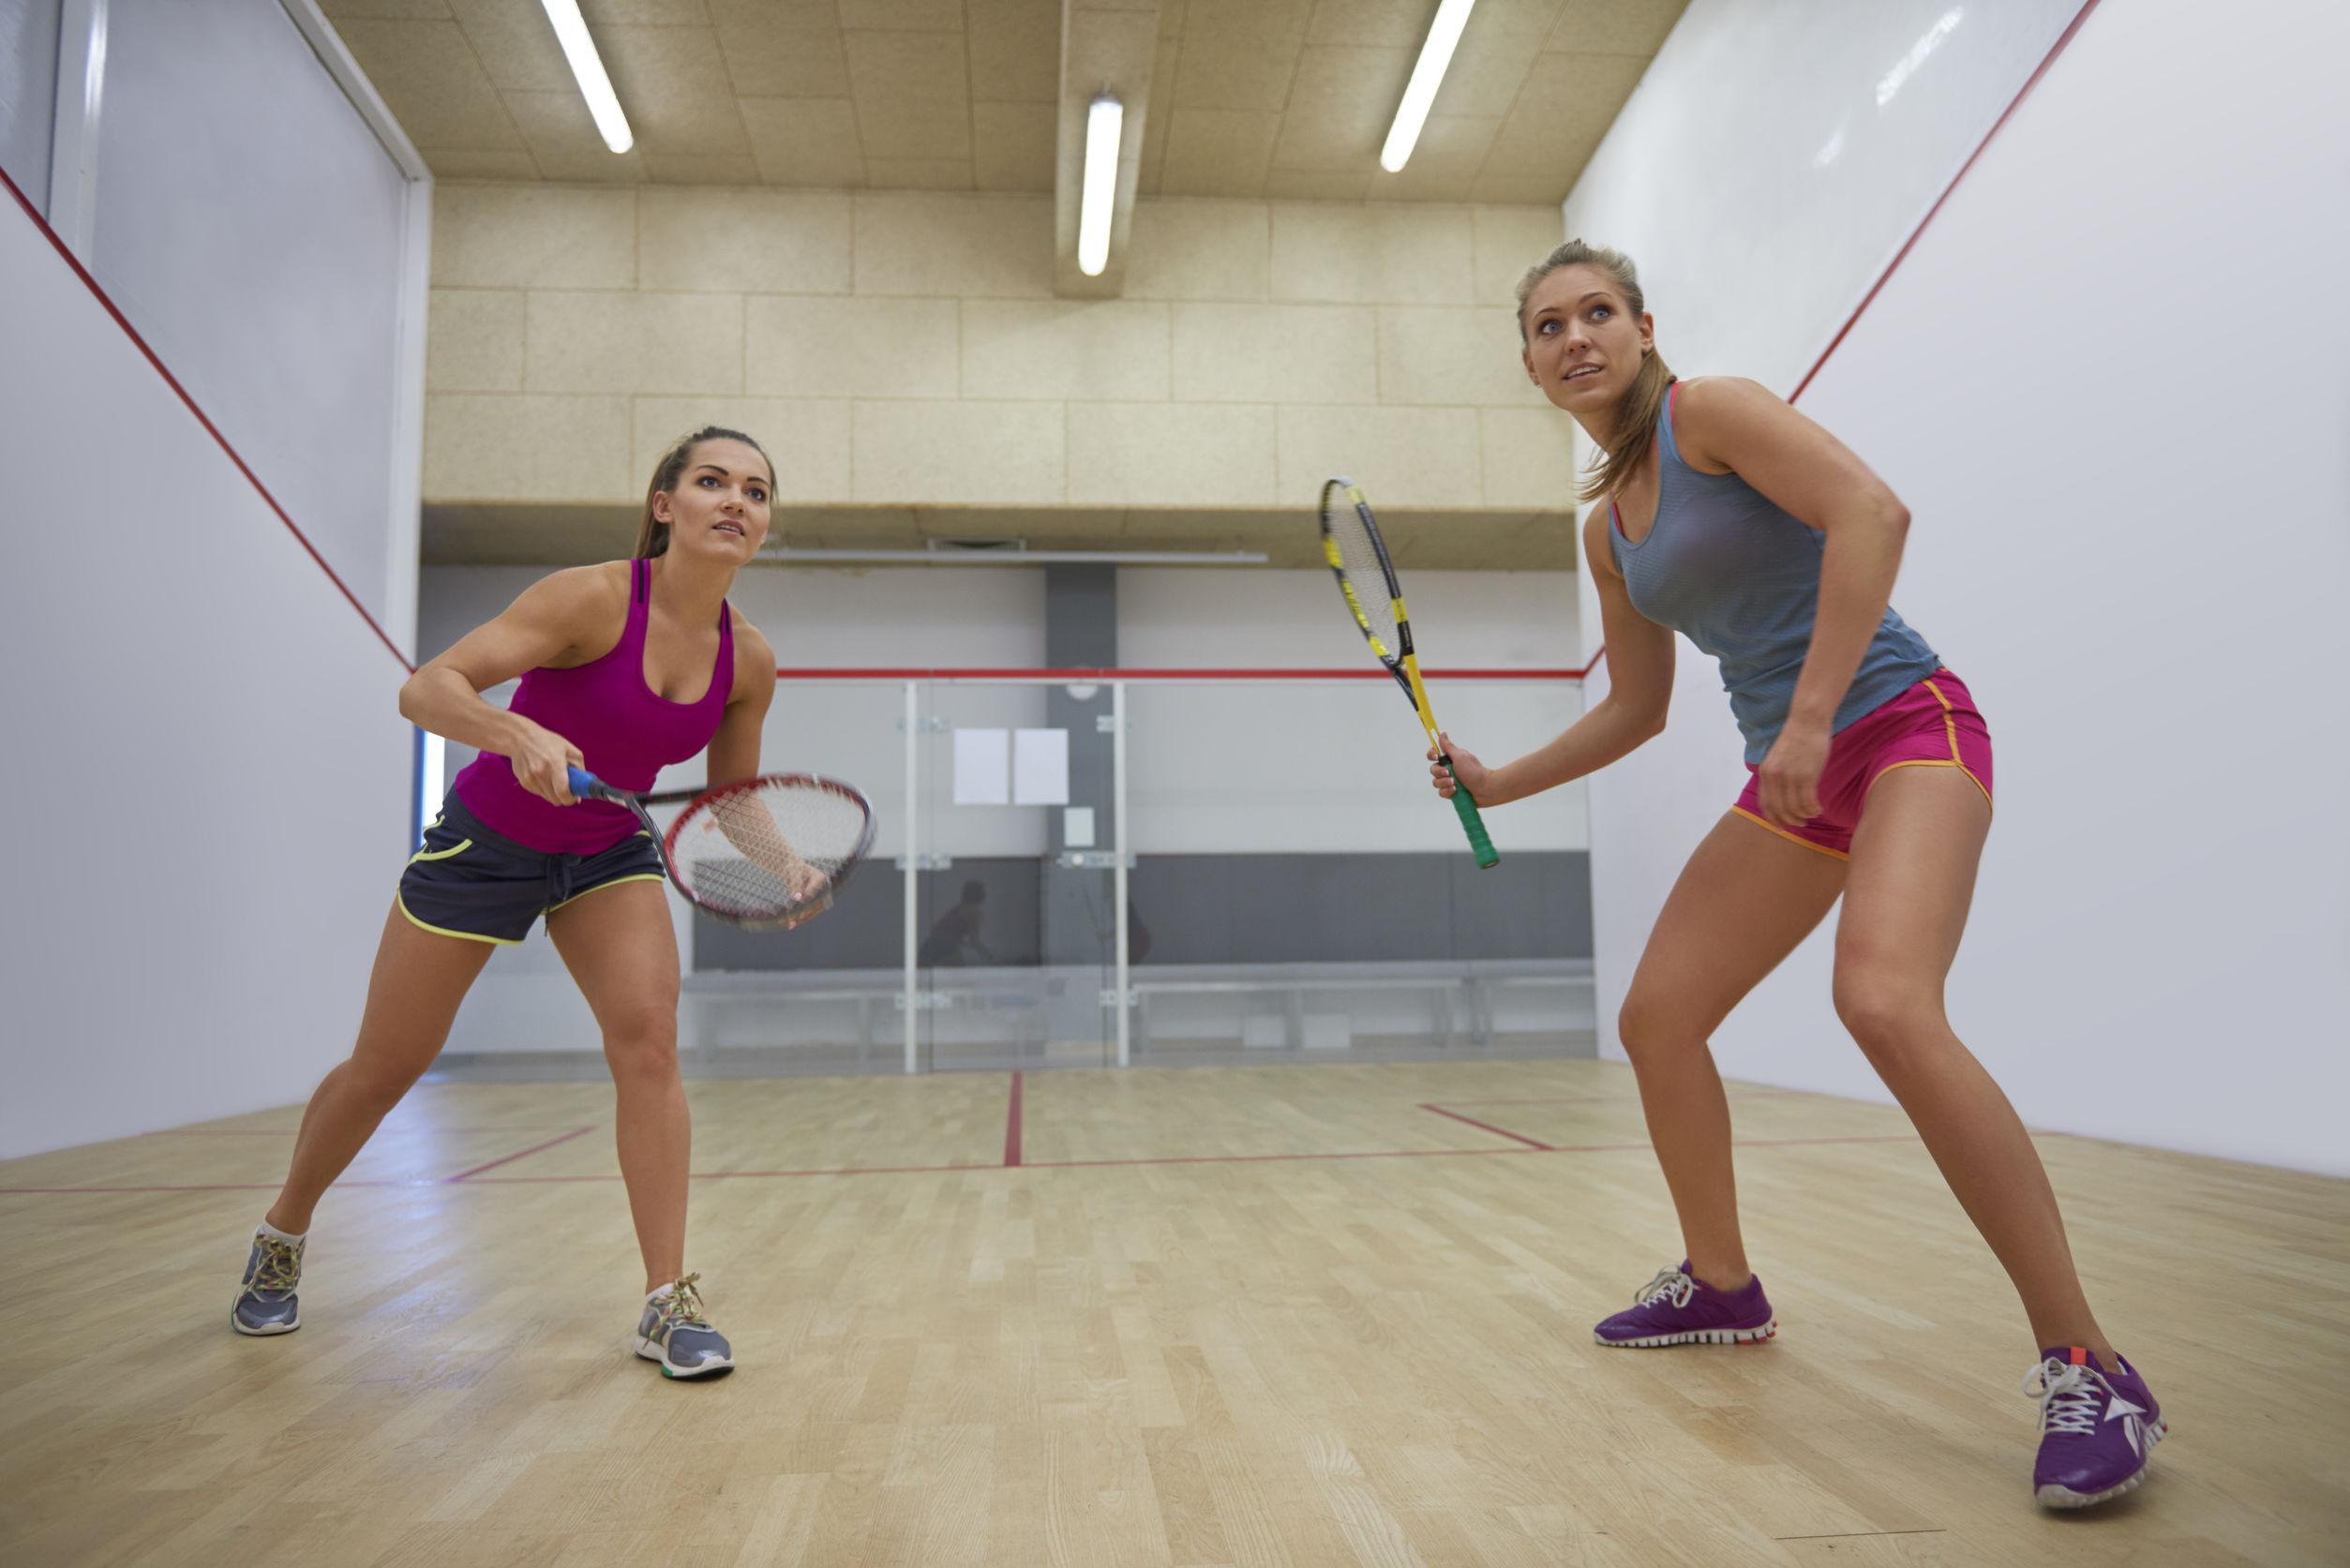 chicas jugando squash